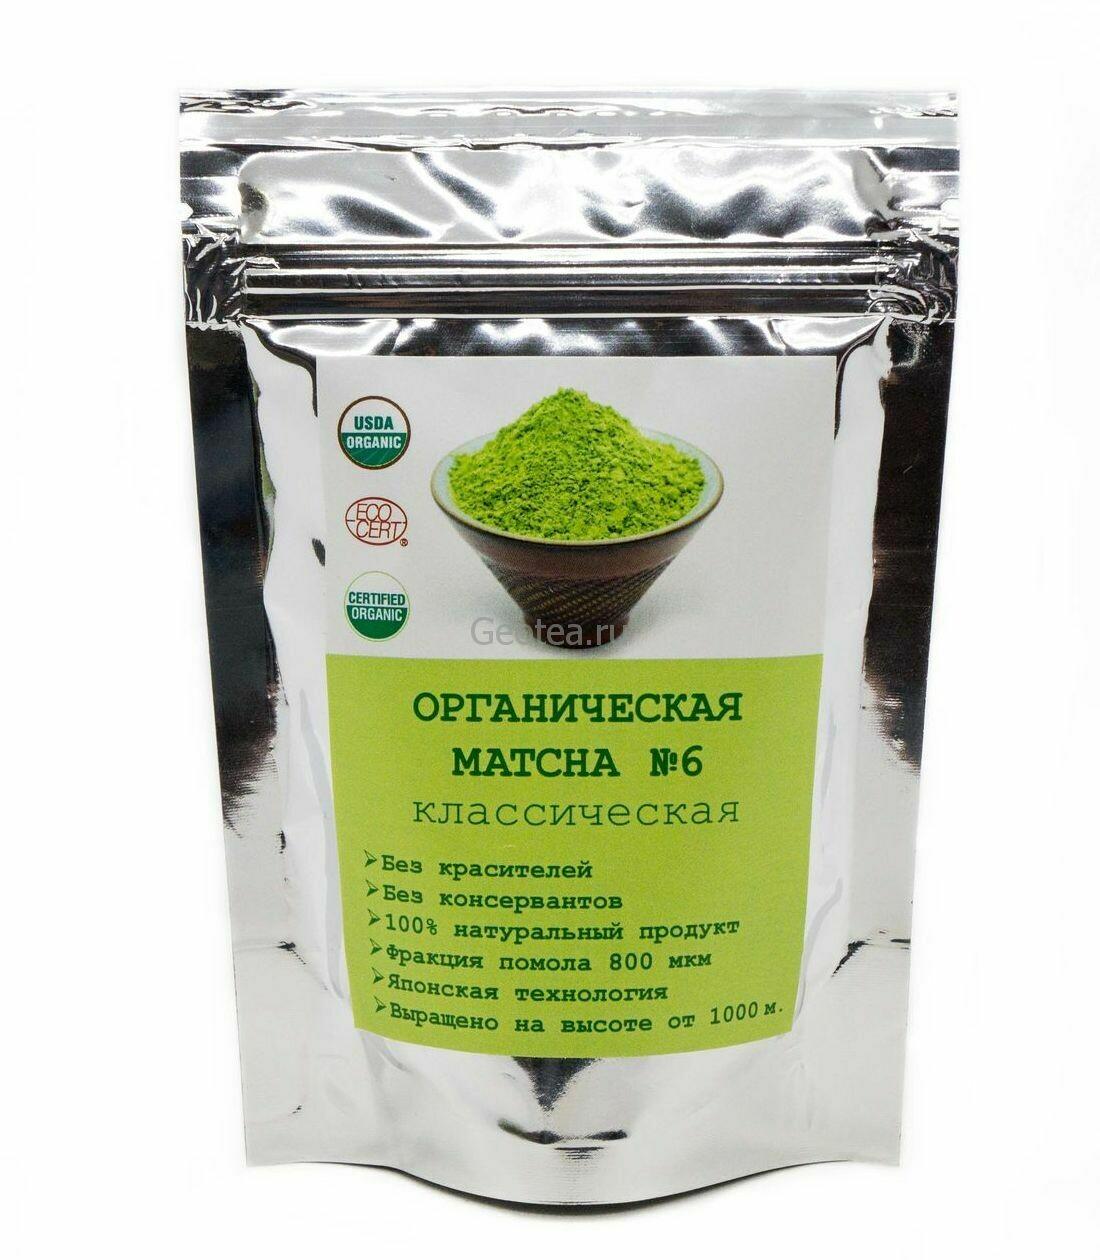 Чай Зеленый Порошковый Матча #6 фасовка 50гр.